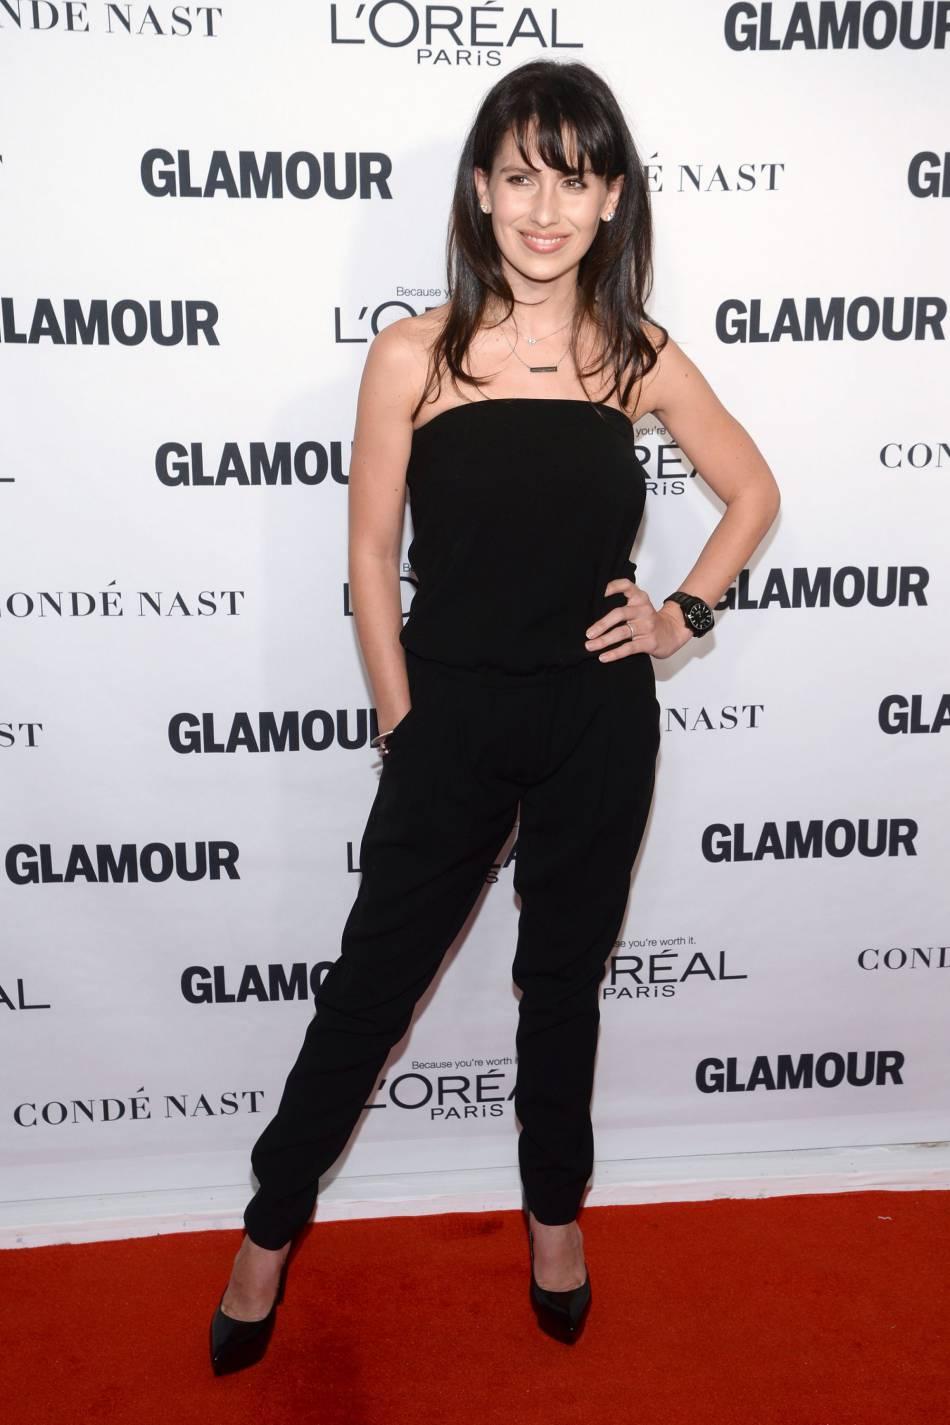 Hilaria Baldwin aux Glamour Awards le 9 novembre 2015 à New York.